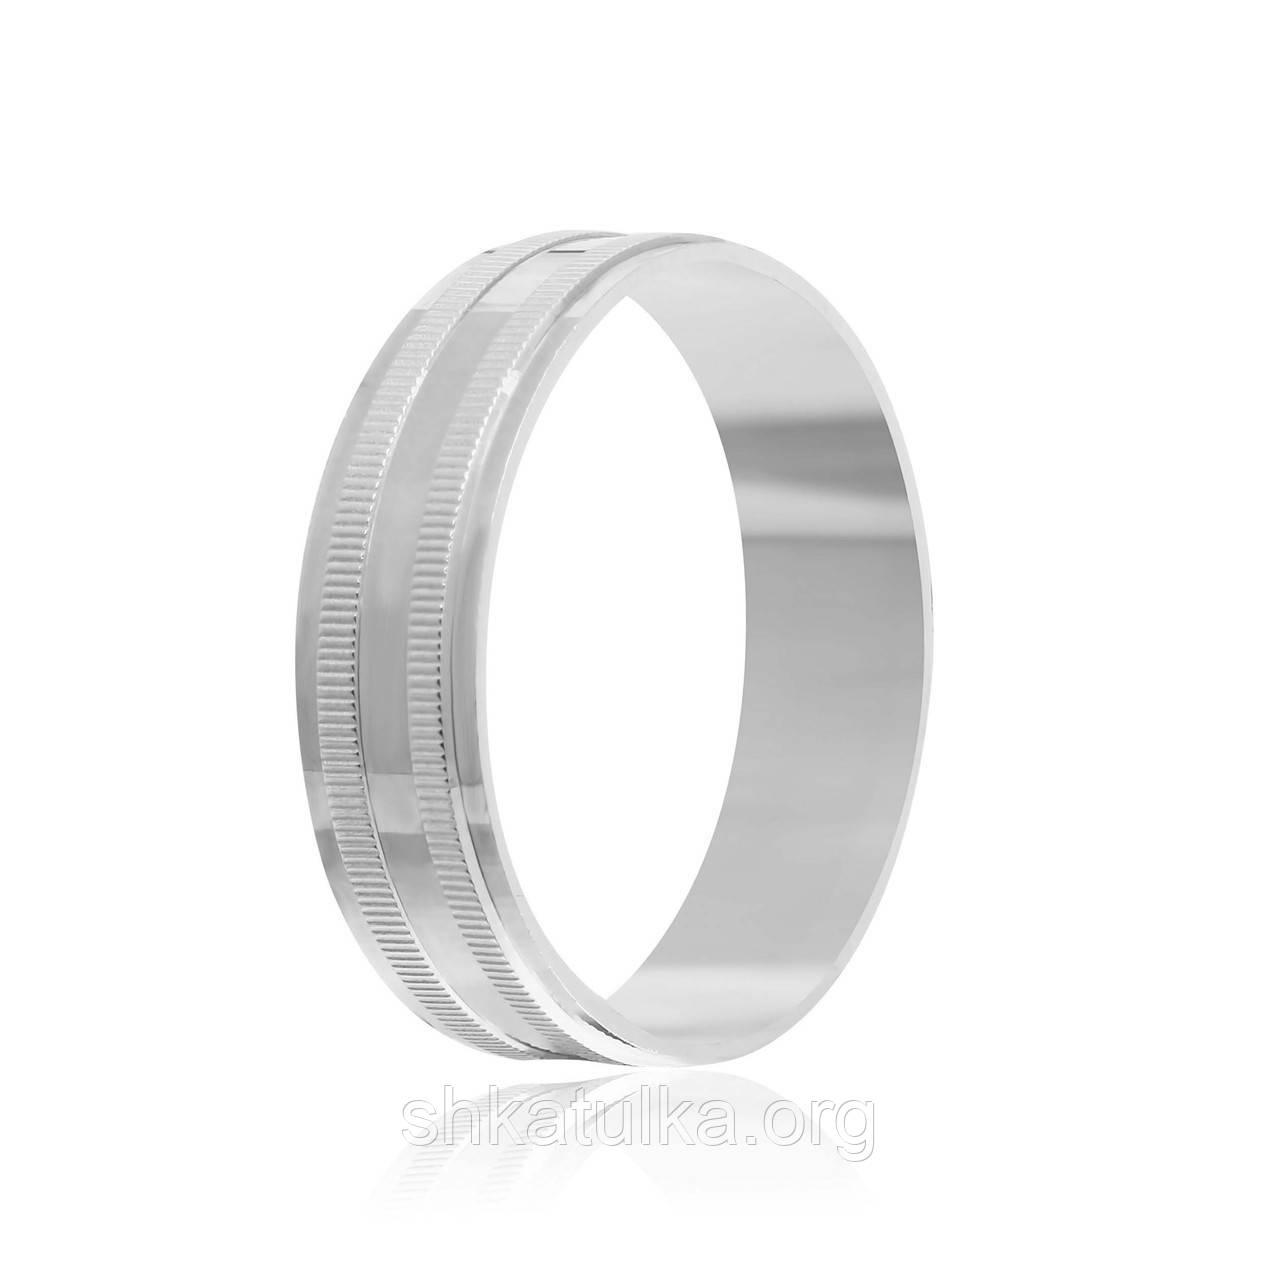 Обручальное кольцо серебряное К2/809 - 21,2